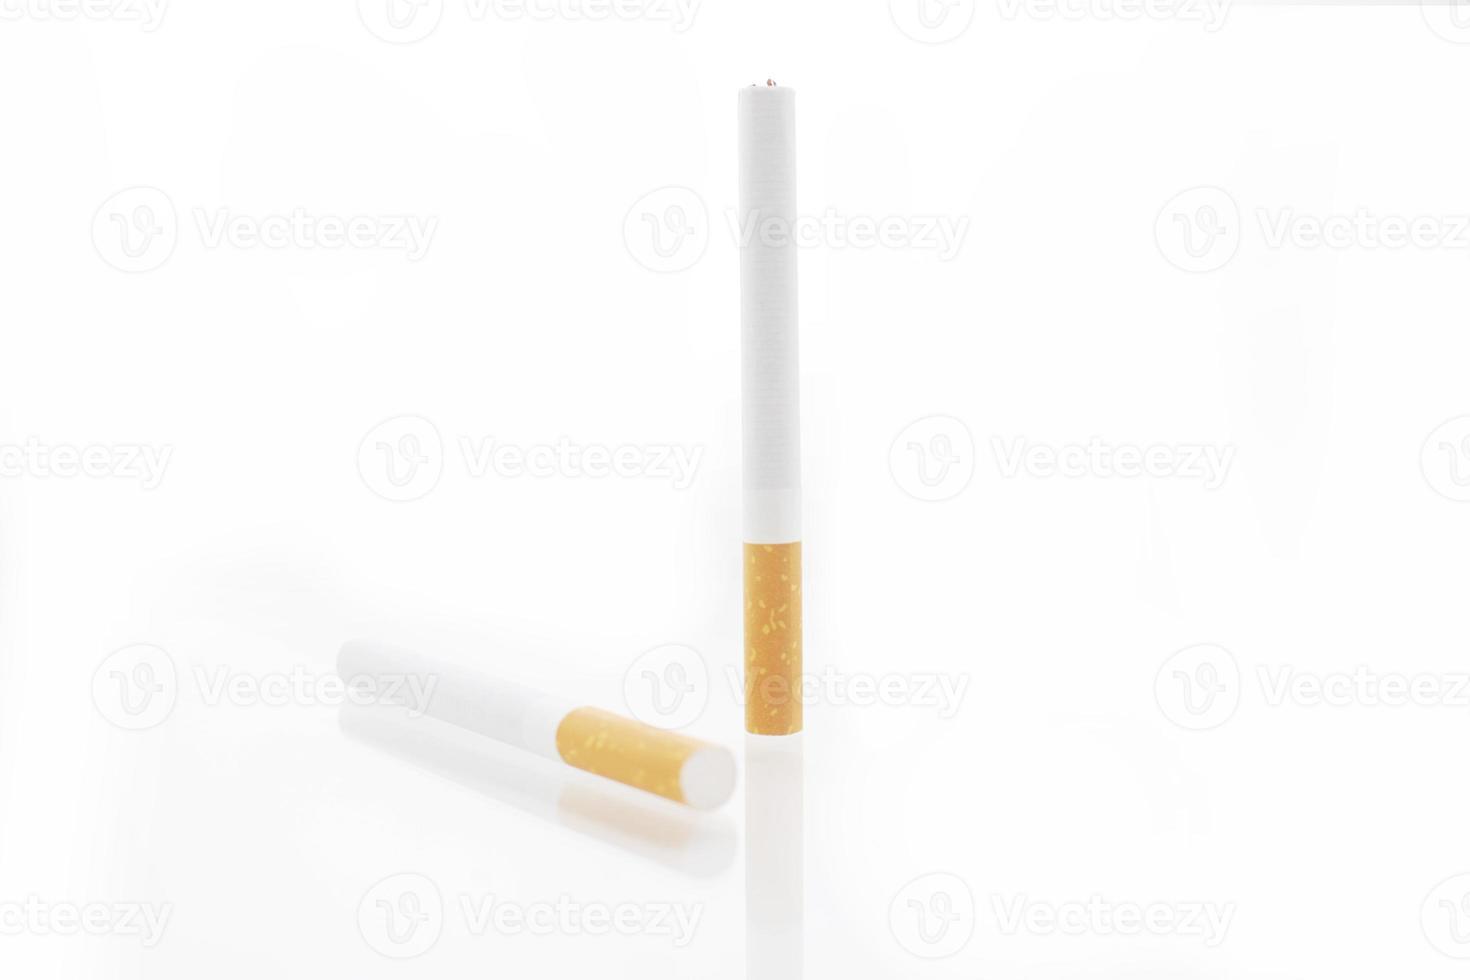 Zigarette lokalisiert auf einem weißen Hintergrund foto